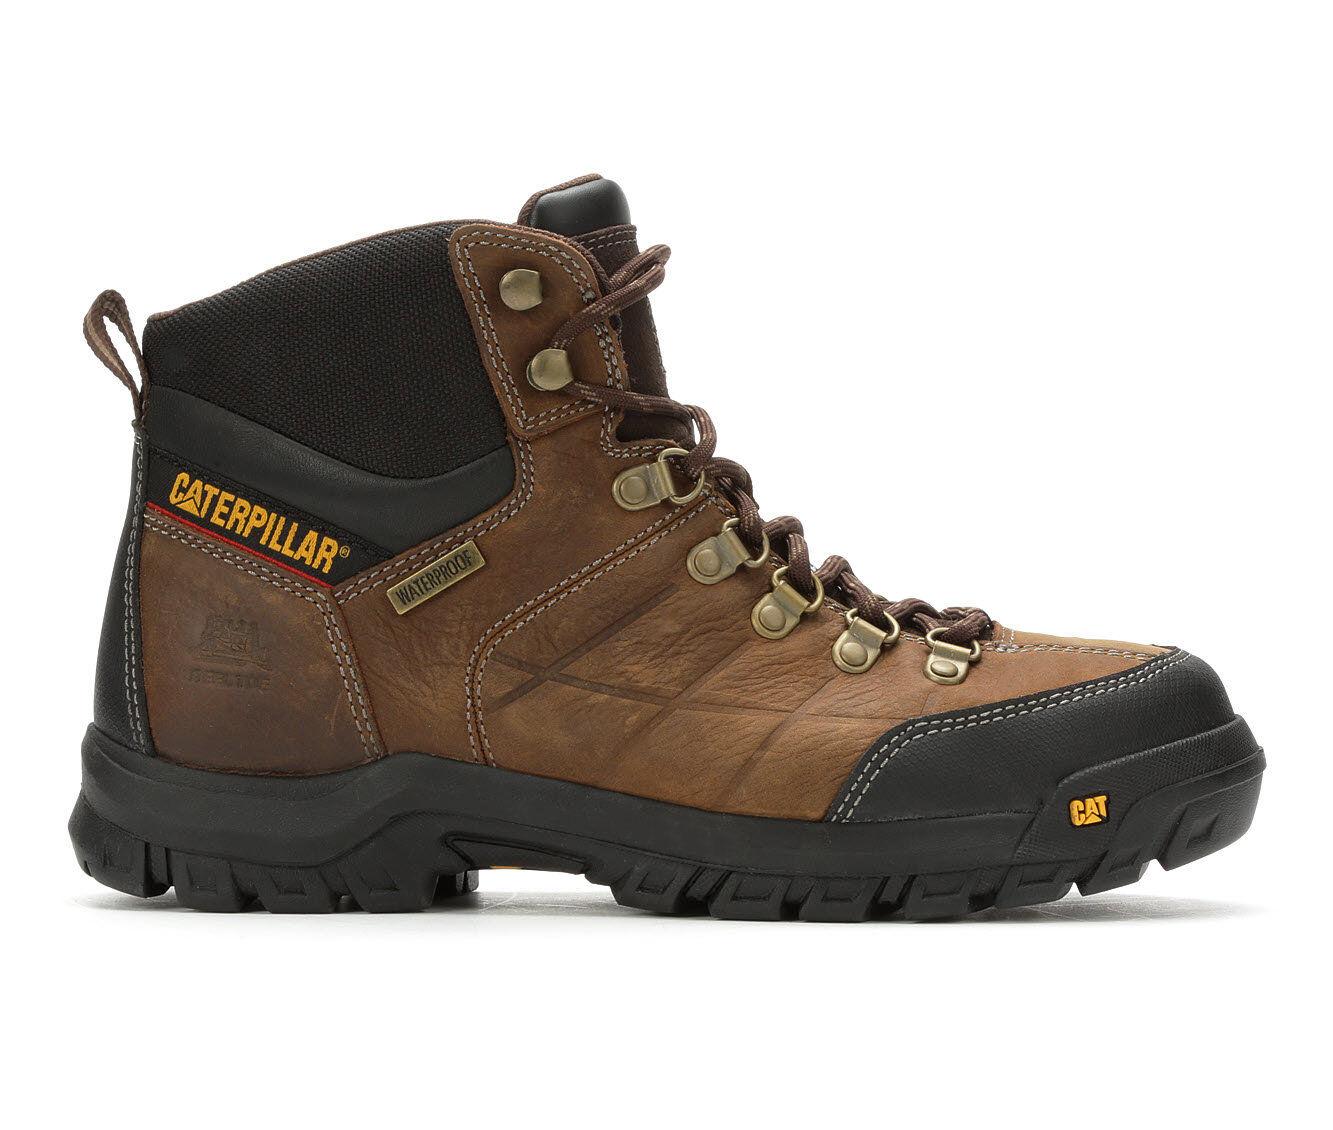 Men's Caterpillar Threshold Waterproof Steel Toe Work Boots Dark Brown